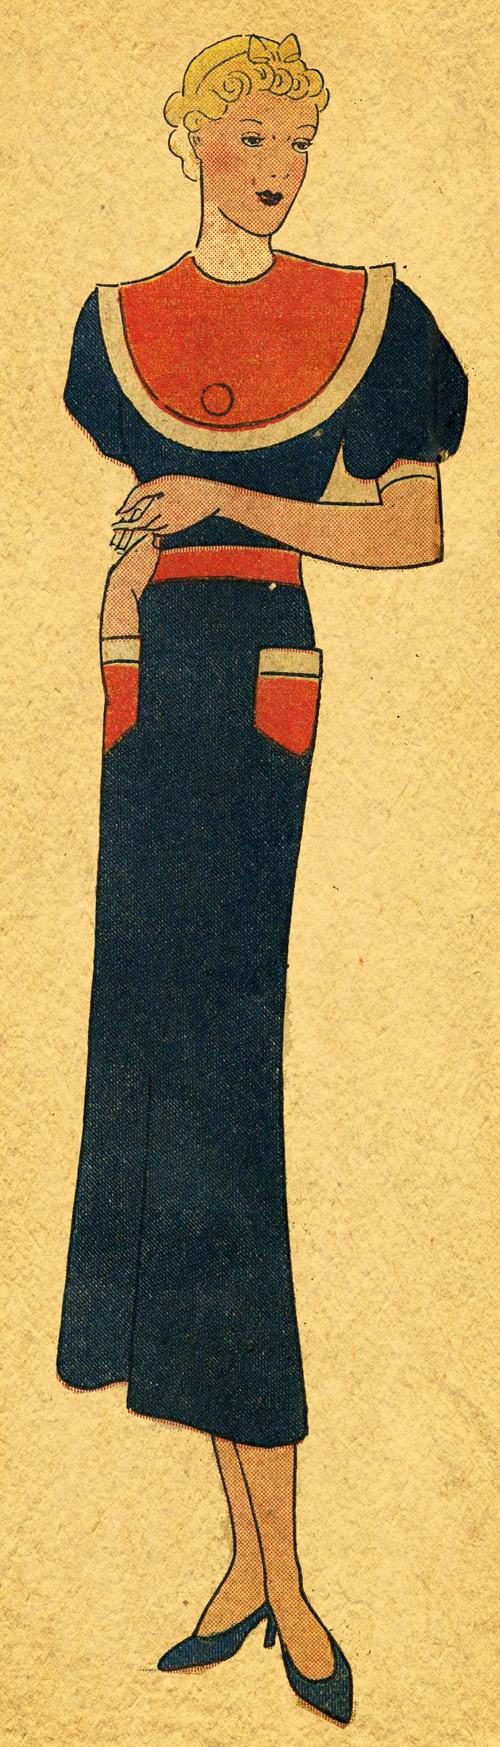 summer1932D